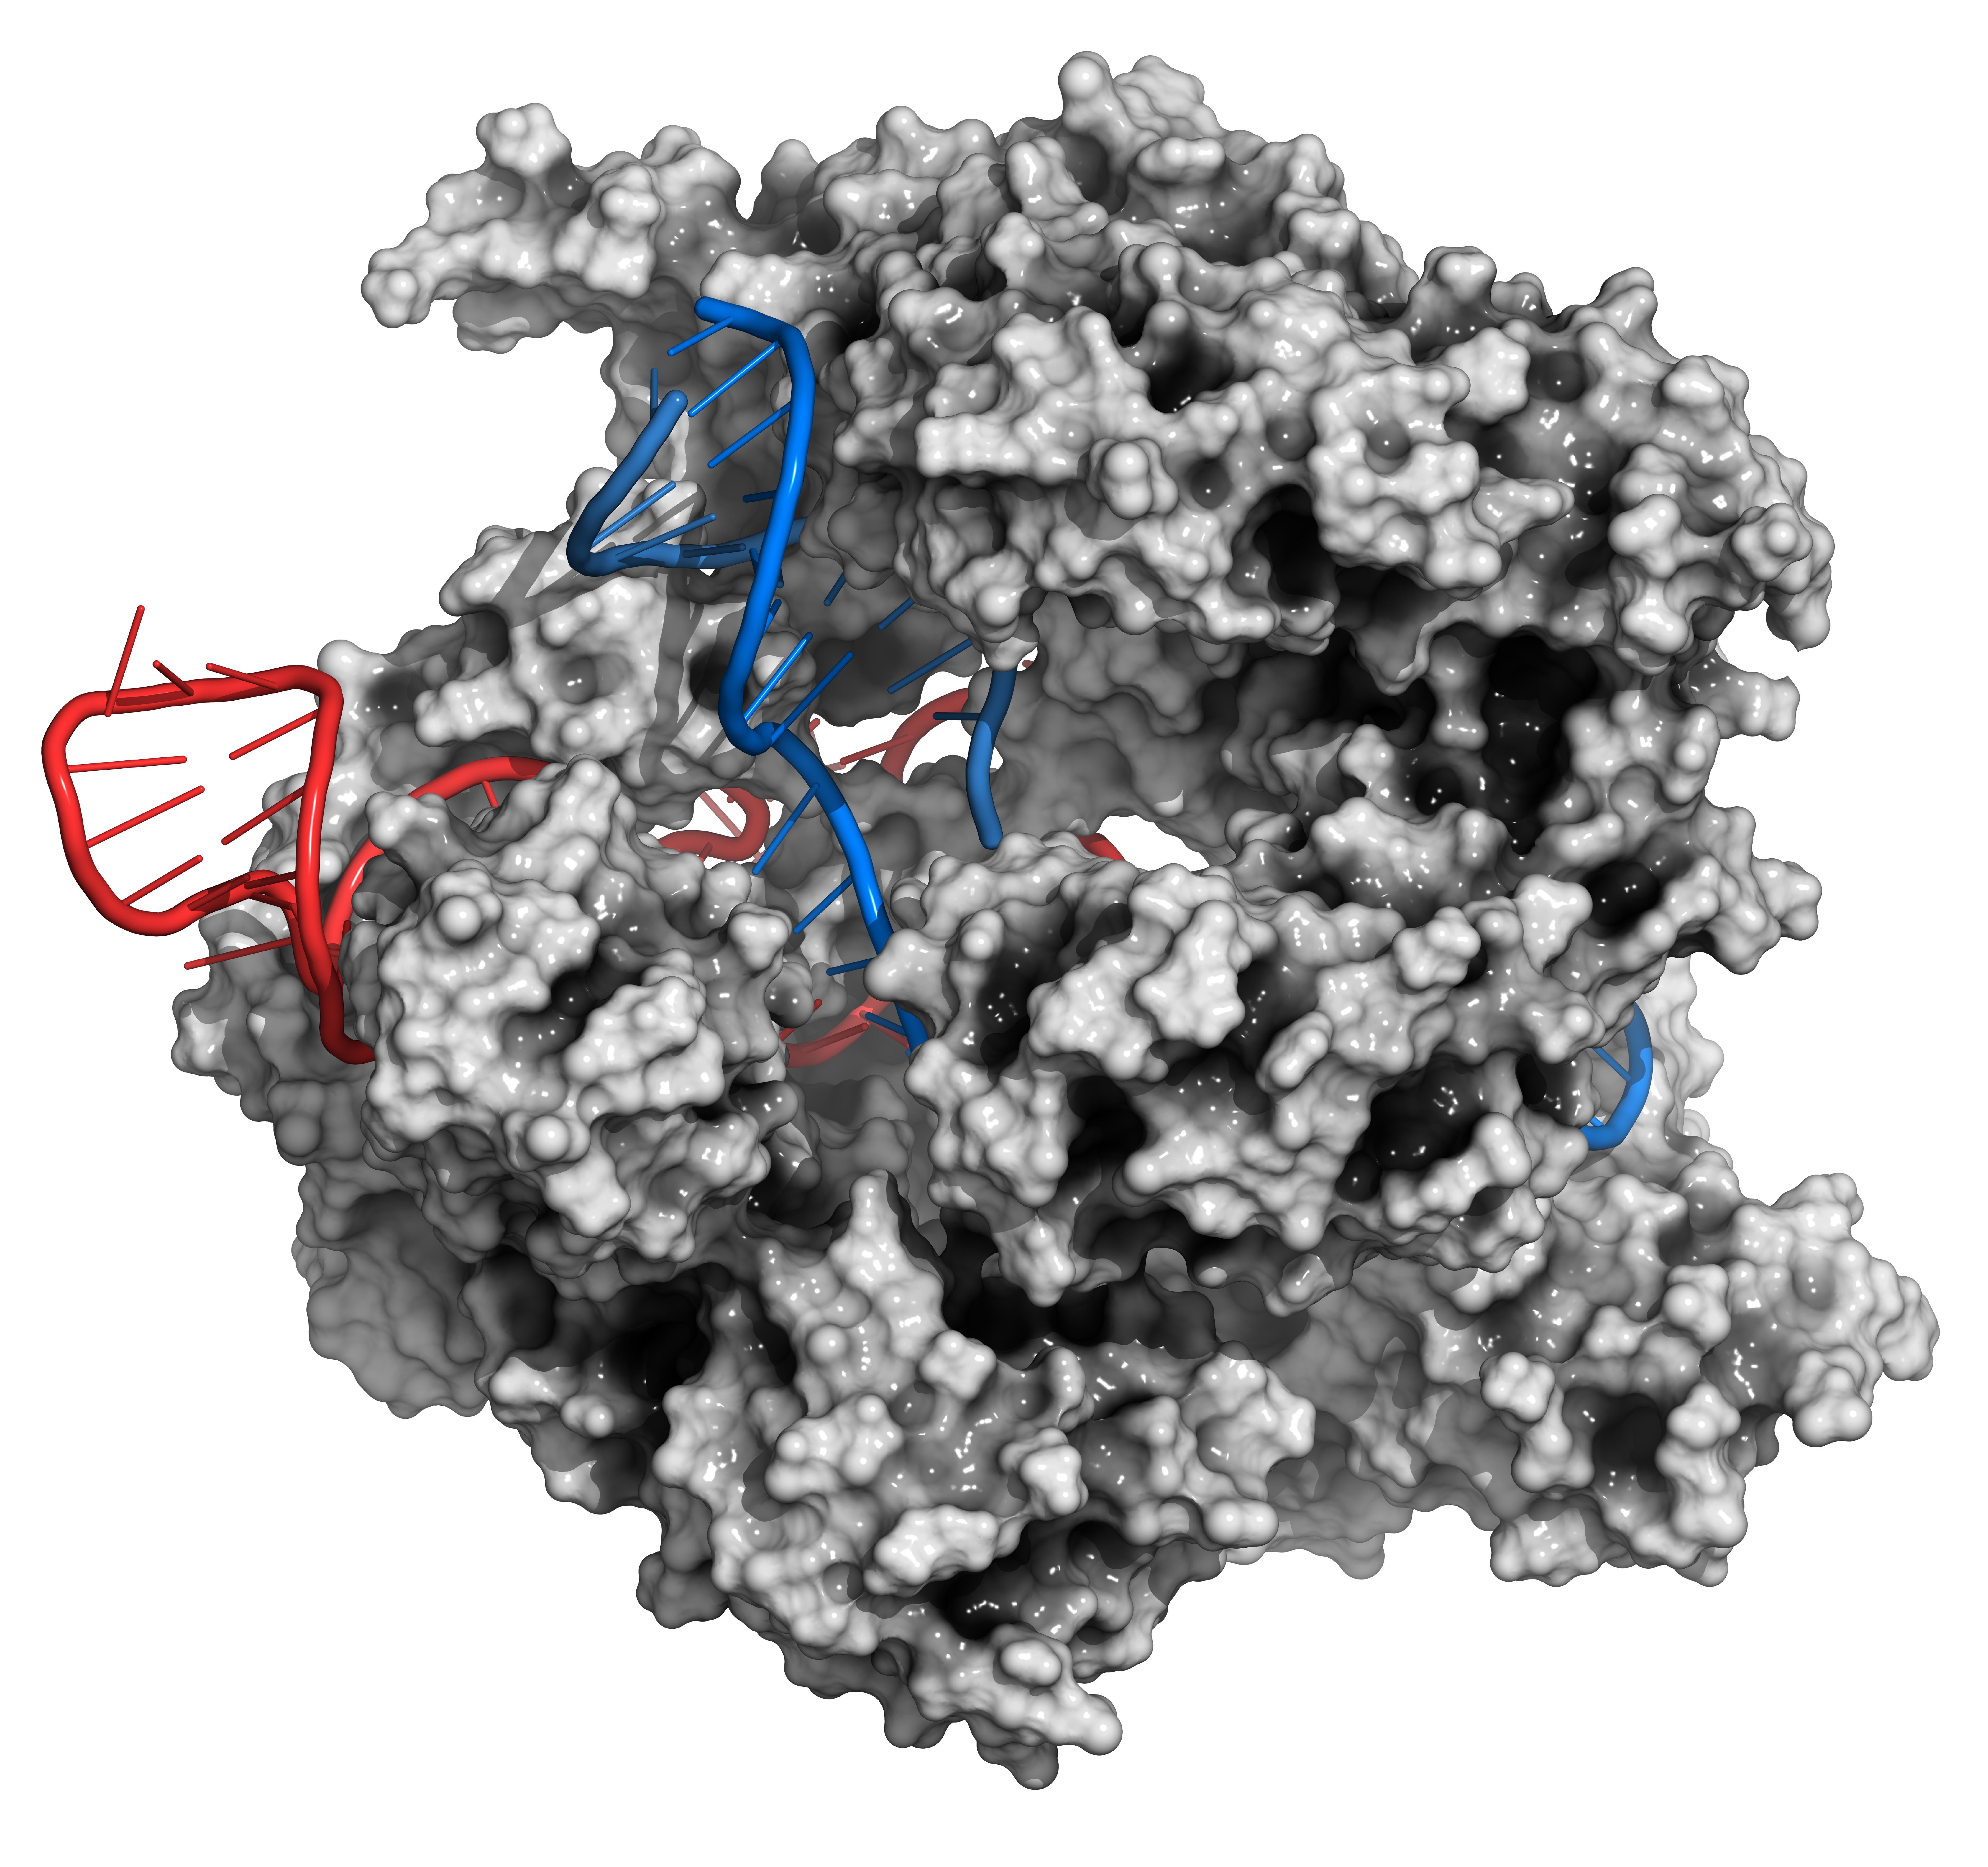 Редактирование РНК может стать следующим этапом развития CRISPR